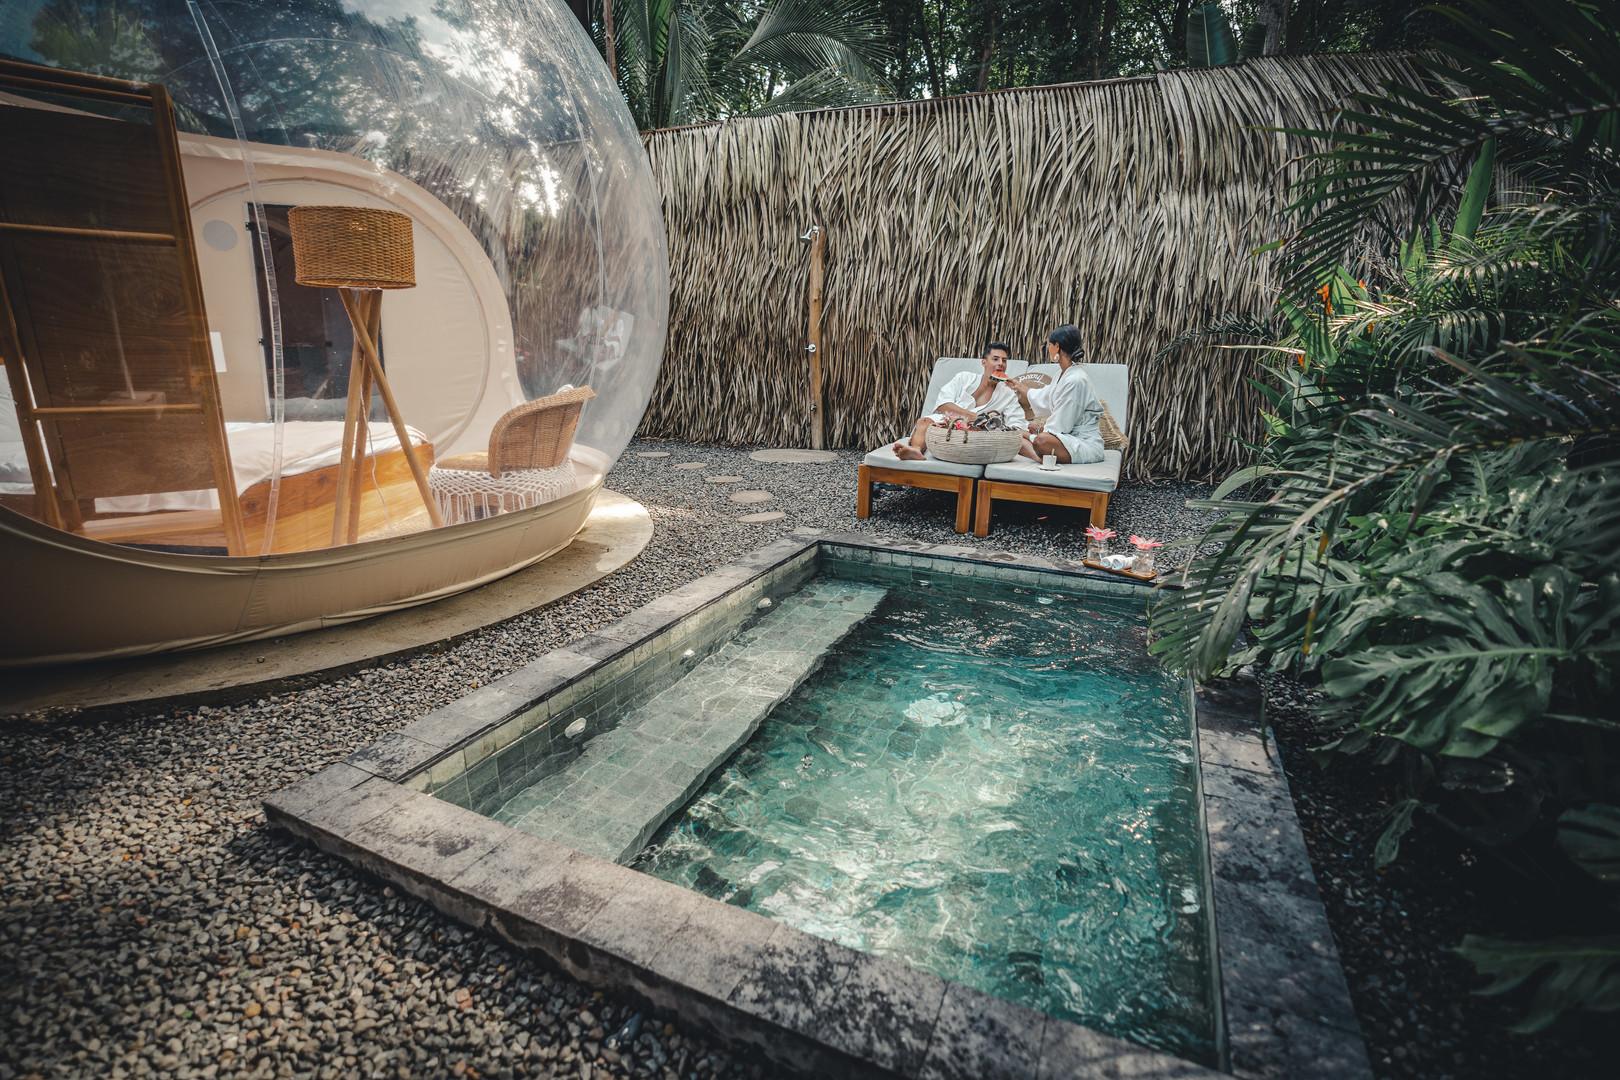 satori-bubbles-tierra